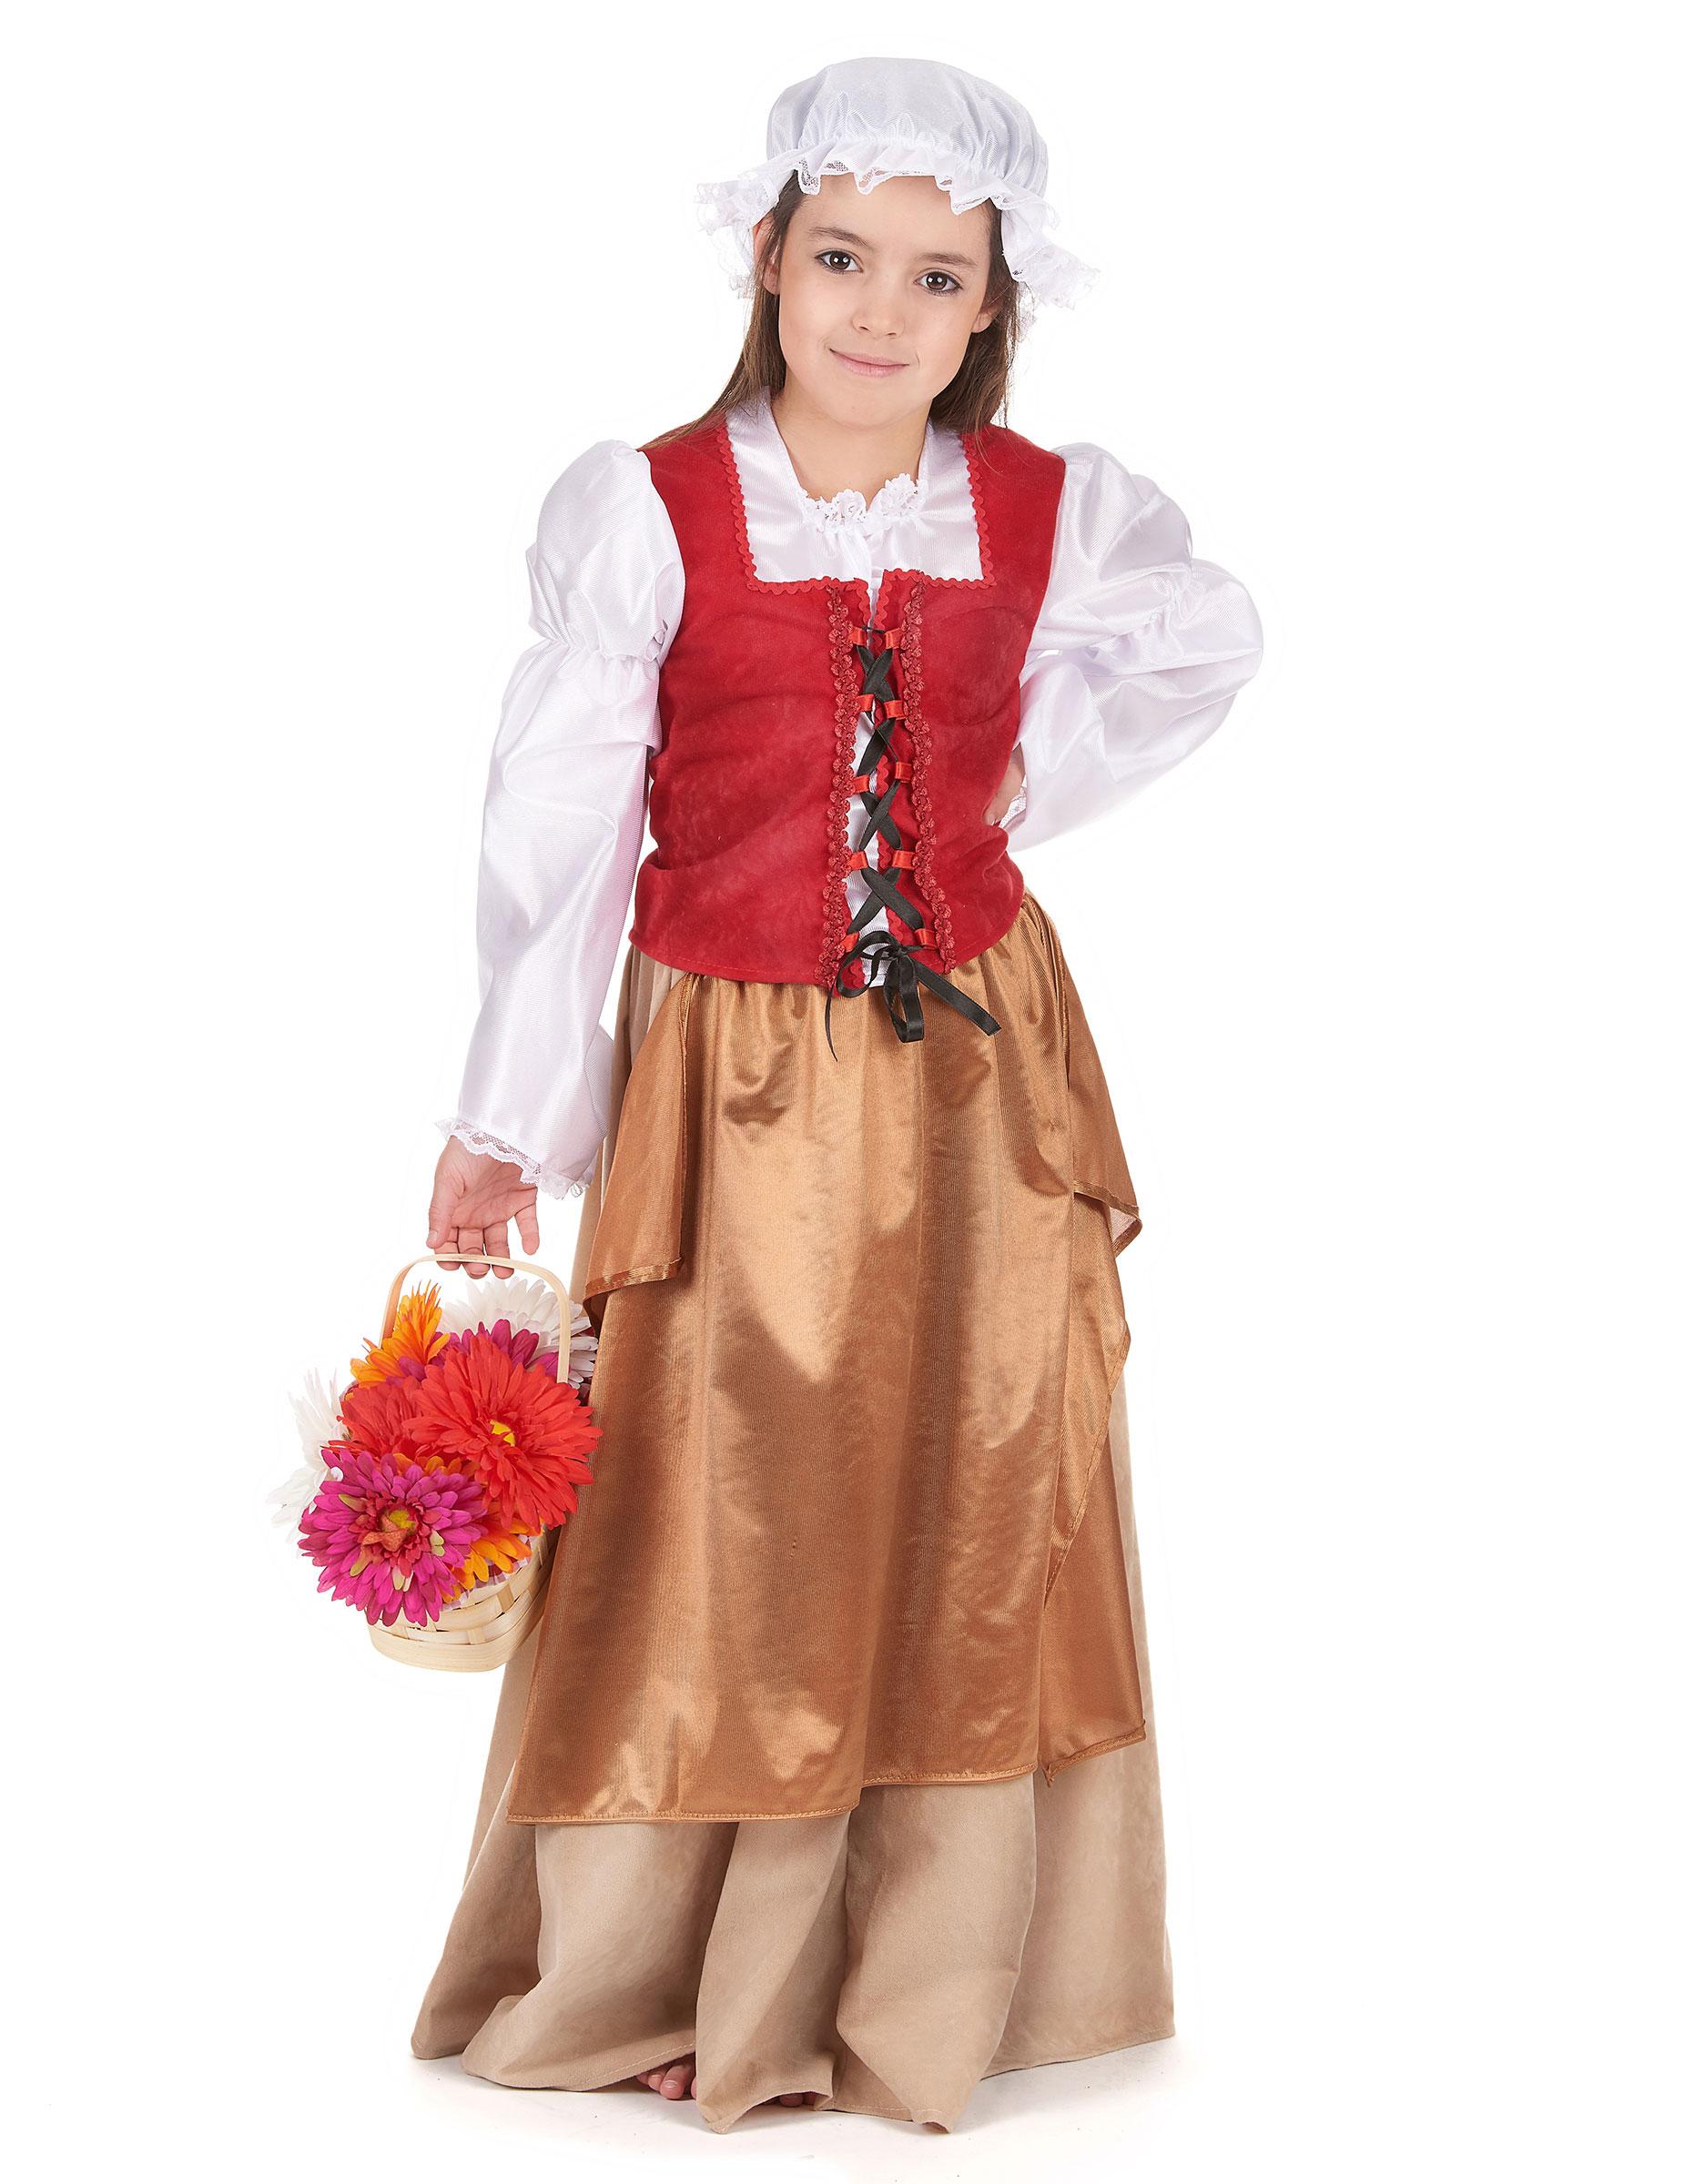 Travestimento Tradizionale Da Contadina Medievale Per Bambina